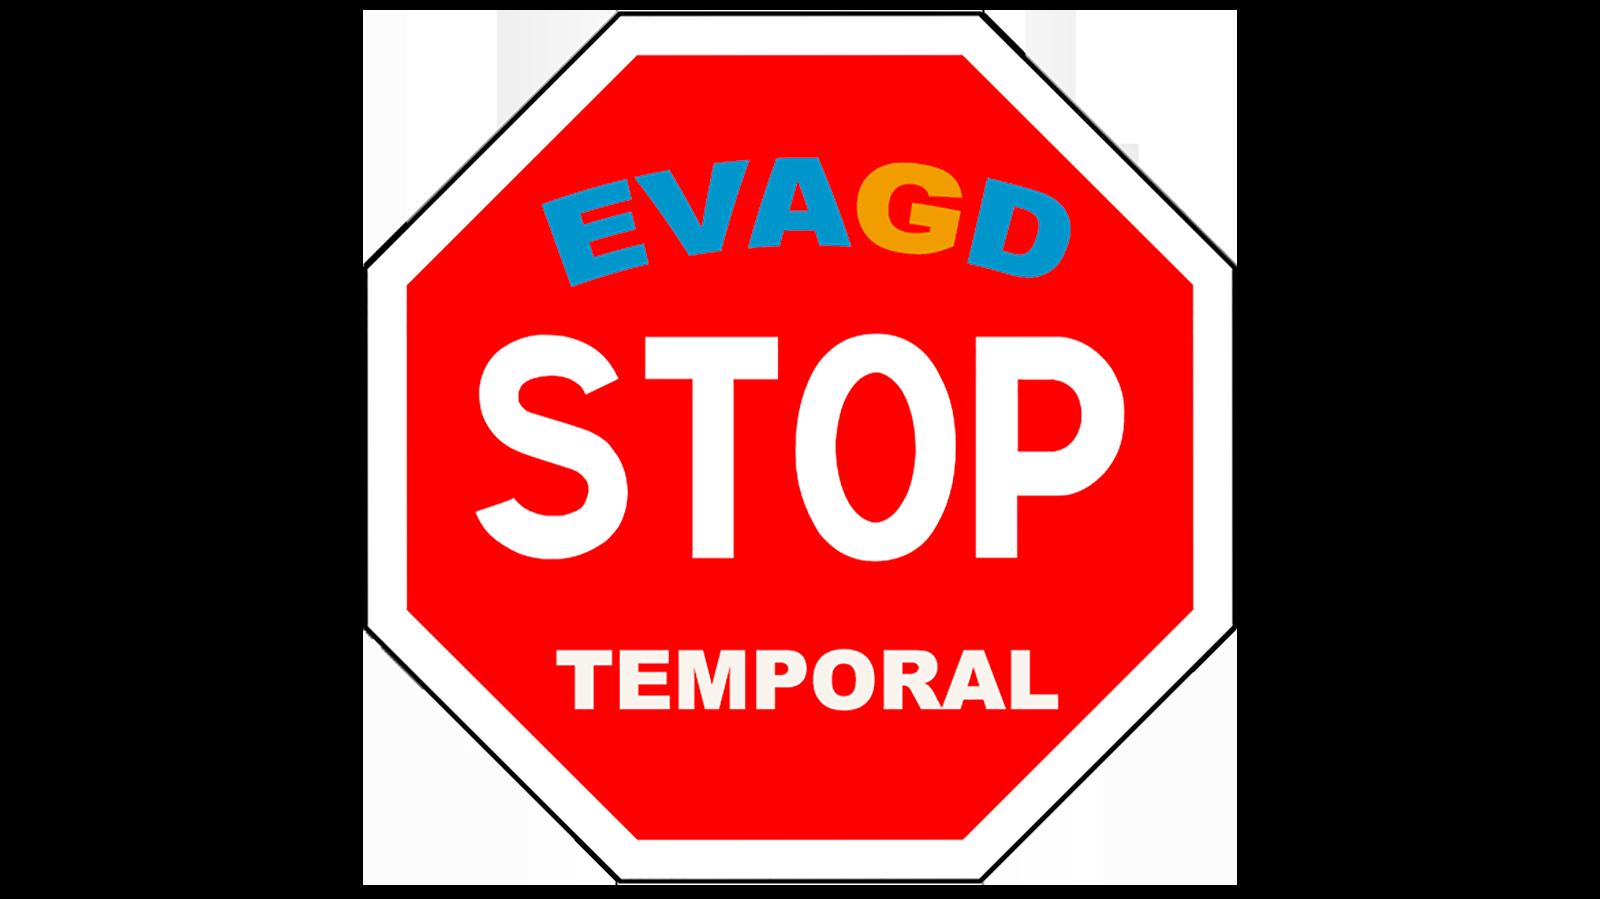 Stop temporal de los nodos de EVAGD